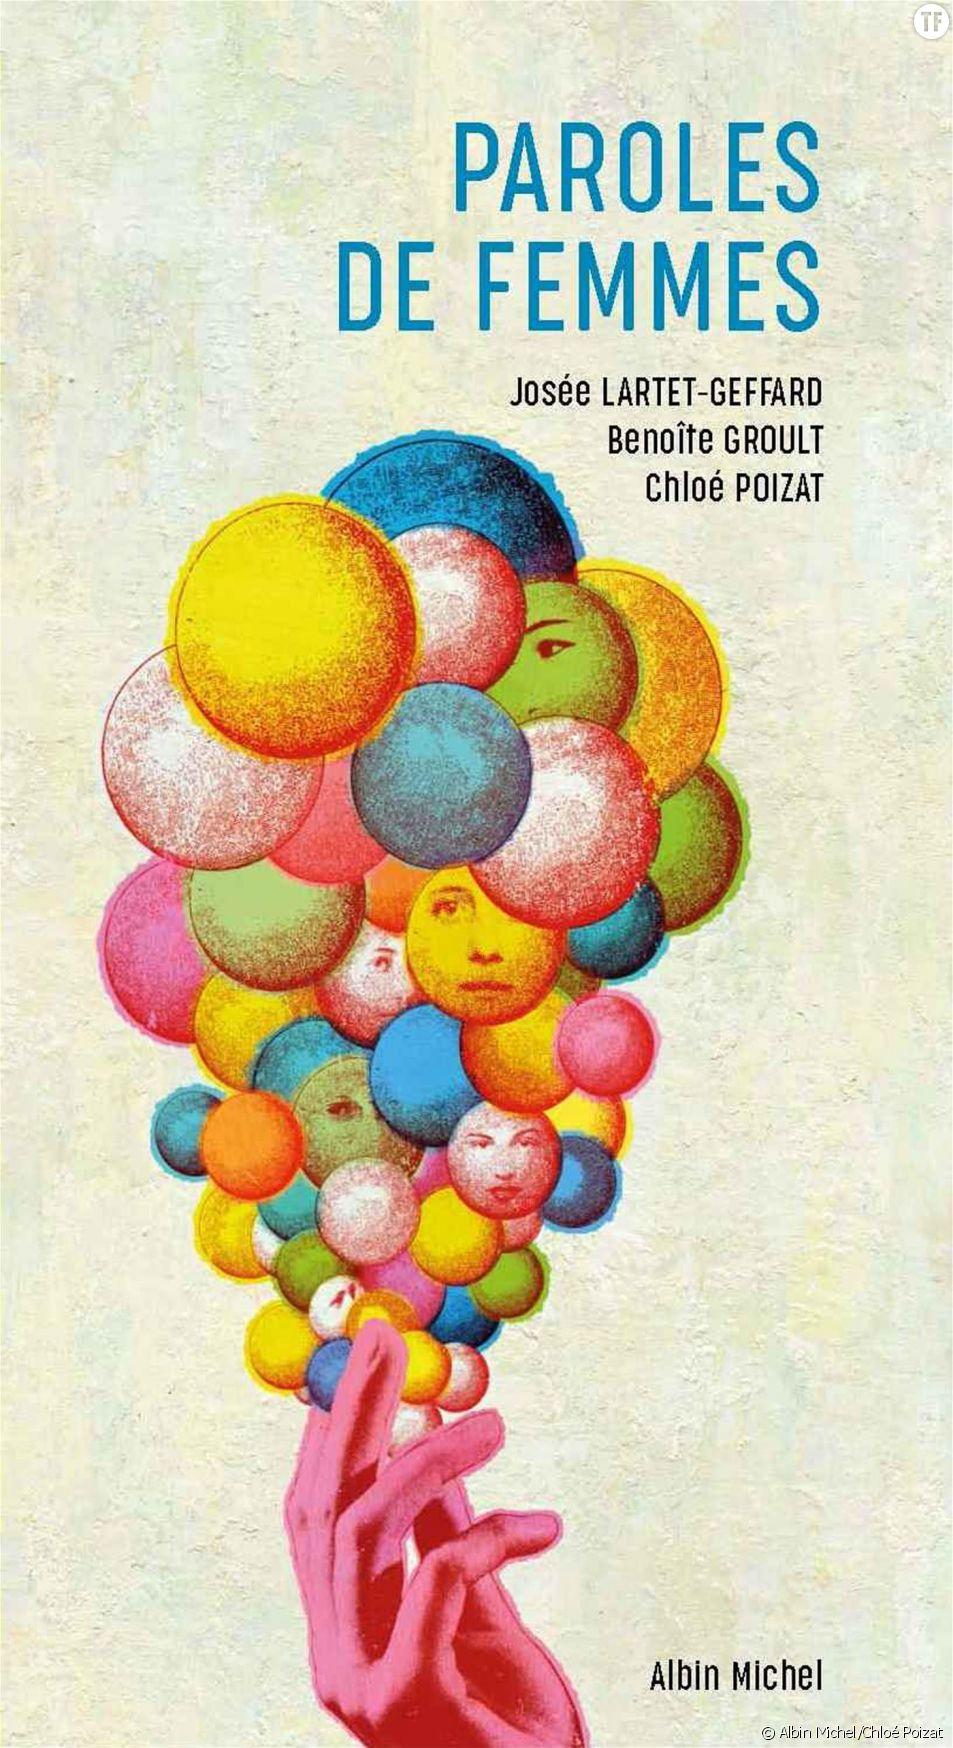 Le livre féministe Paroles de femmes